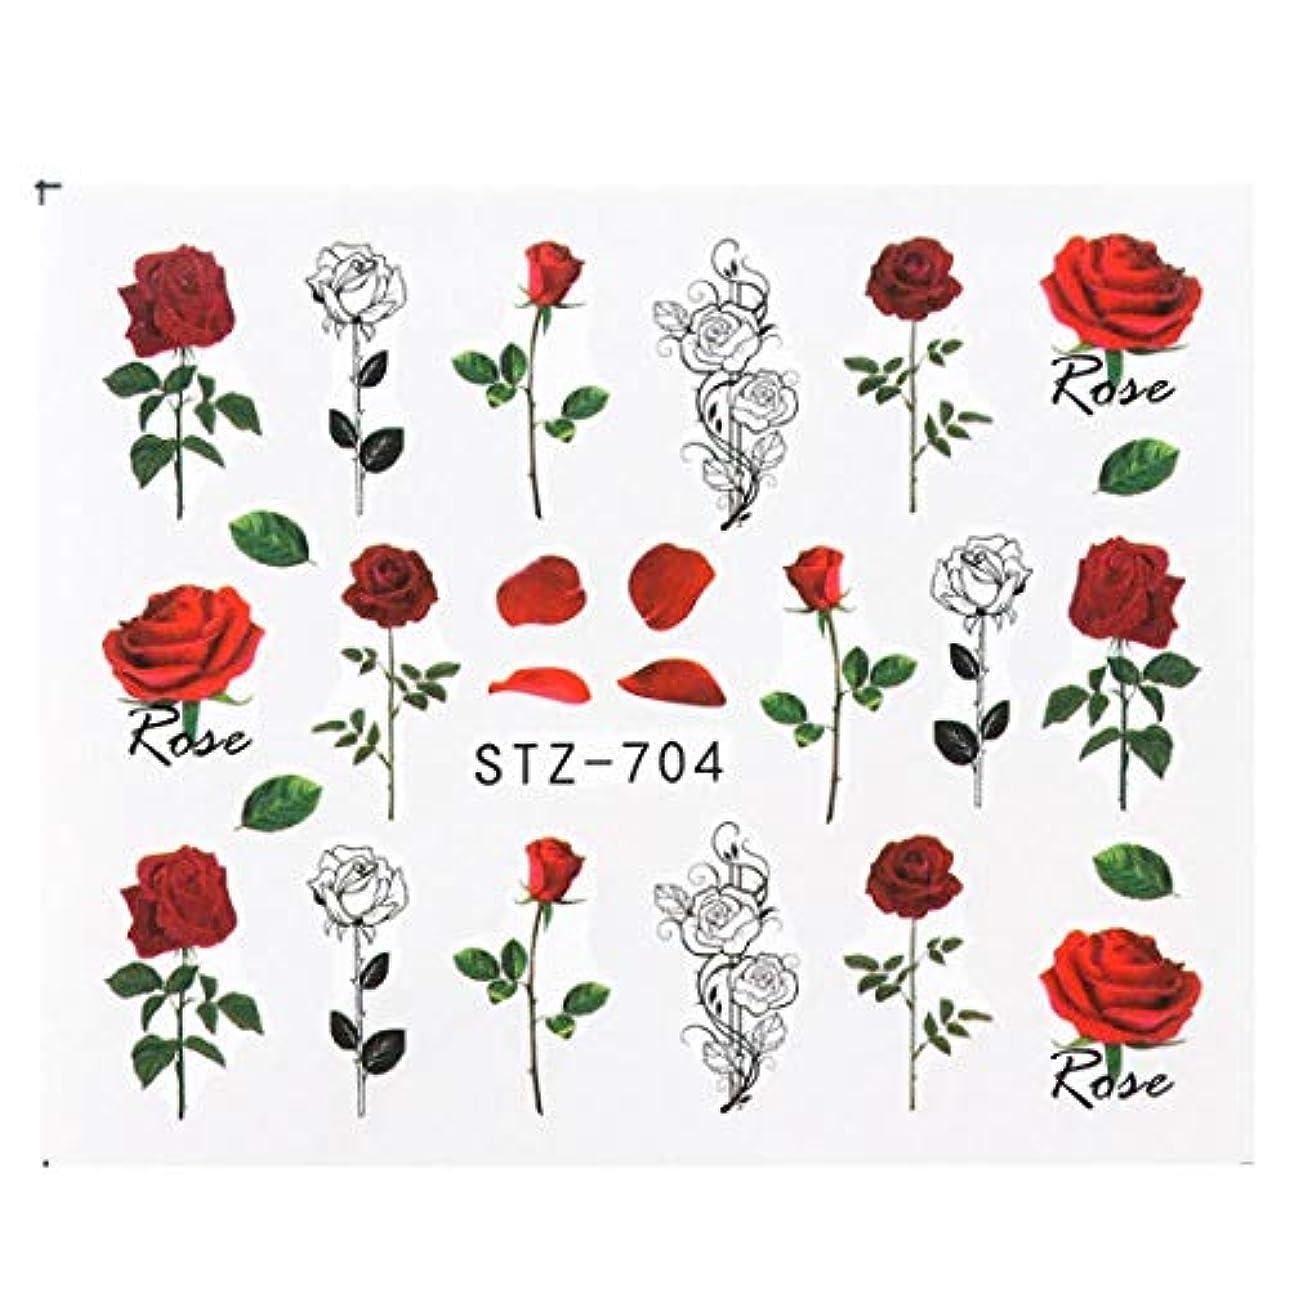 水星電気技師キャロラインSUKTI&XIAO ネイルステッカー ネイルアート転送タトゥーフラミンゴリーフジェルマニキュア接着剤の装飾、Stz704のための1個の花のスライダーウォーターステッカーデカール